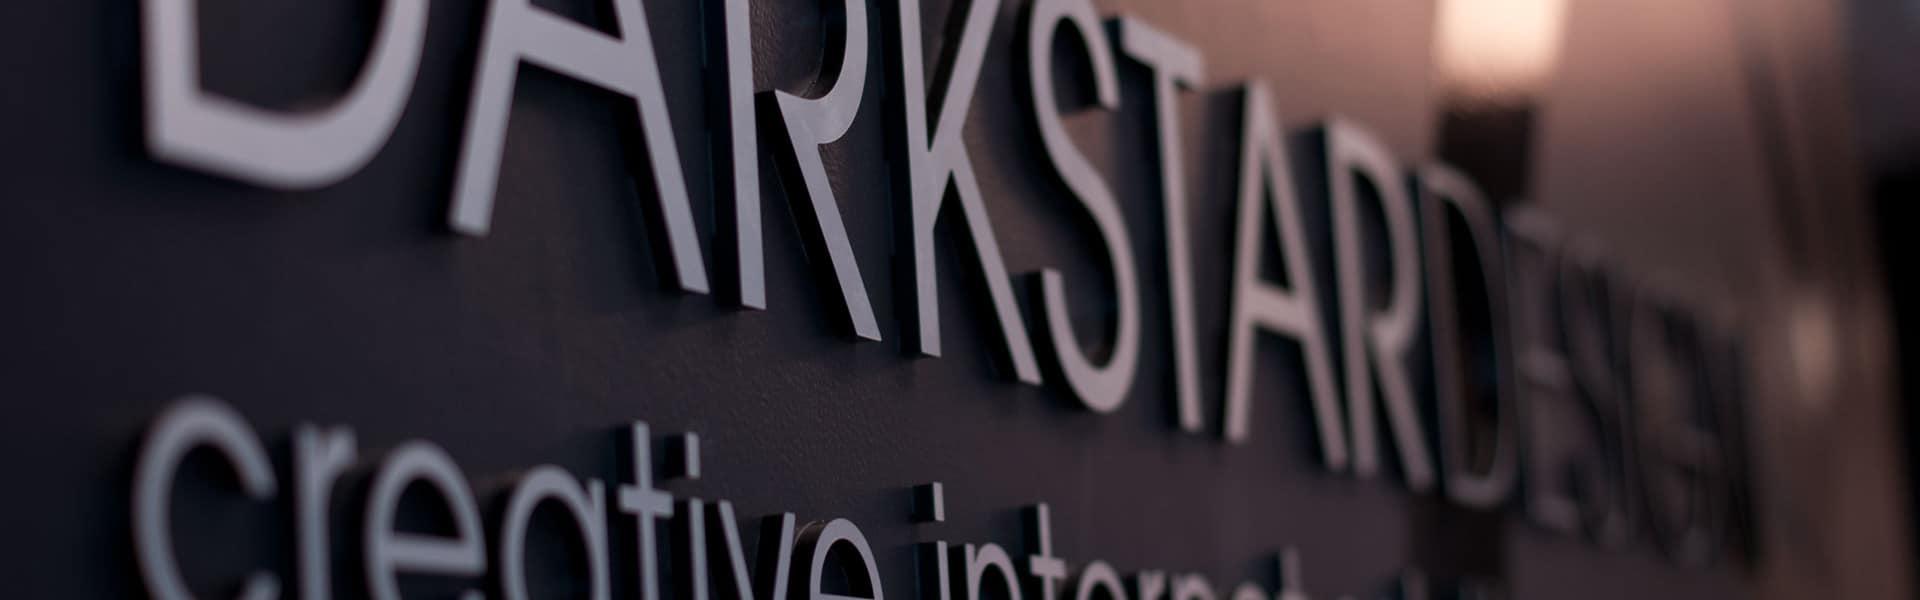 Darkstar Ideas Blog | Darkstar Digital